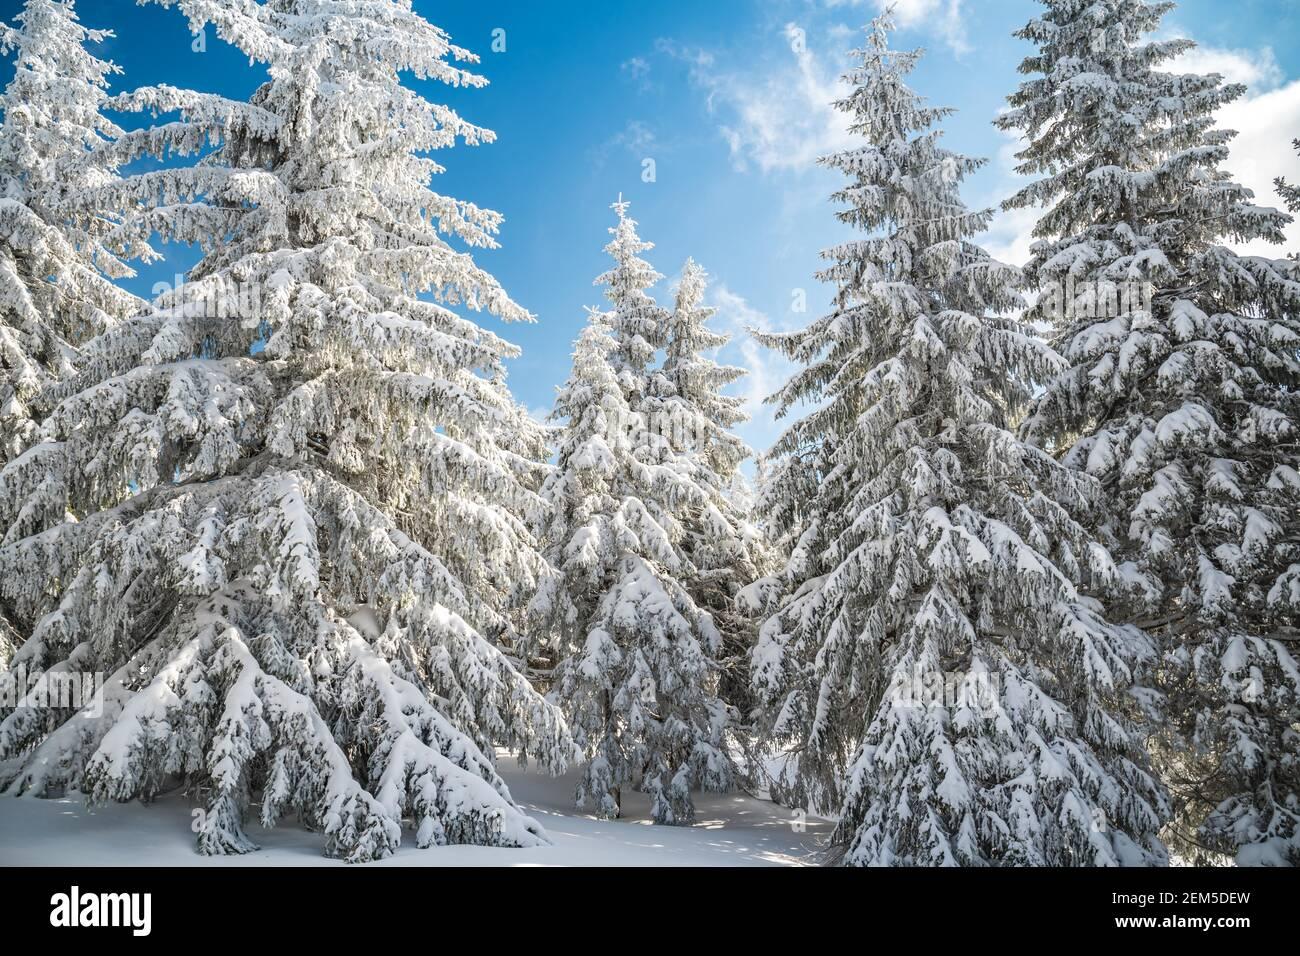 Maestosi alberi bianchi spruces che risplende dalla luce del sole contro il cielo blu scuro. Splendida scena invernale. Luogo repubblica Ceca, Krkonose. Foto Stock